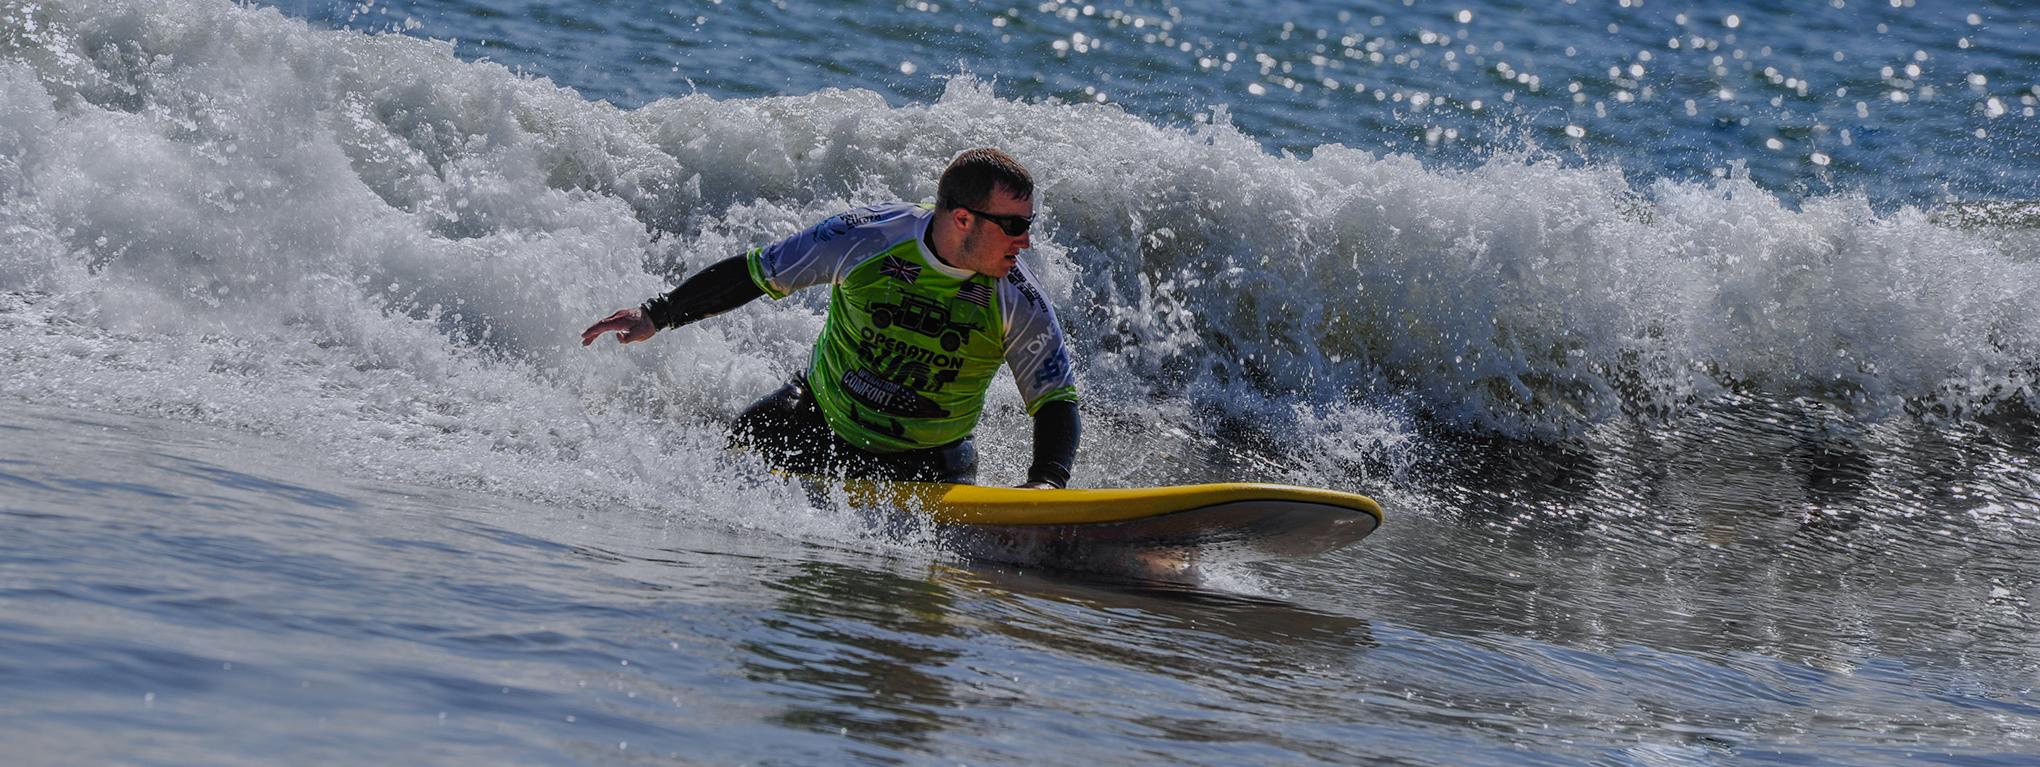 A participant rides a wave